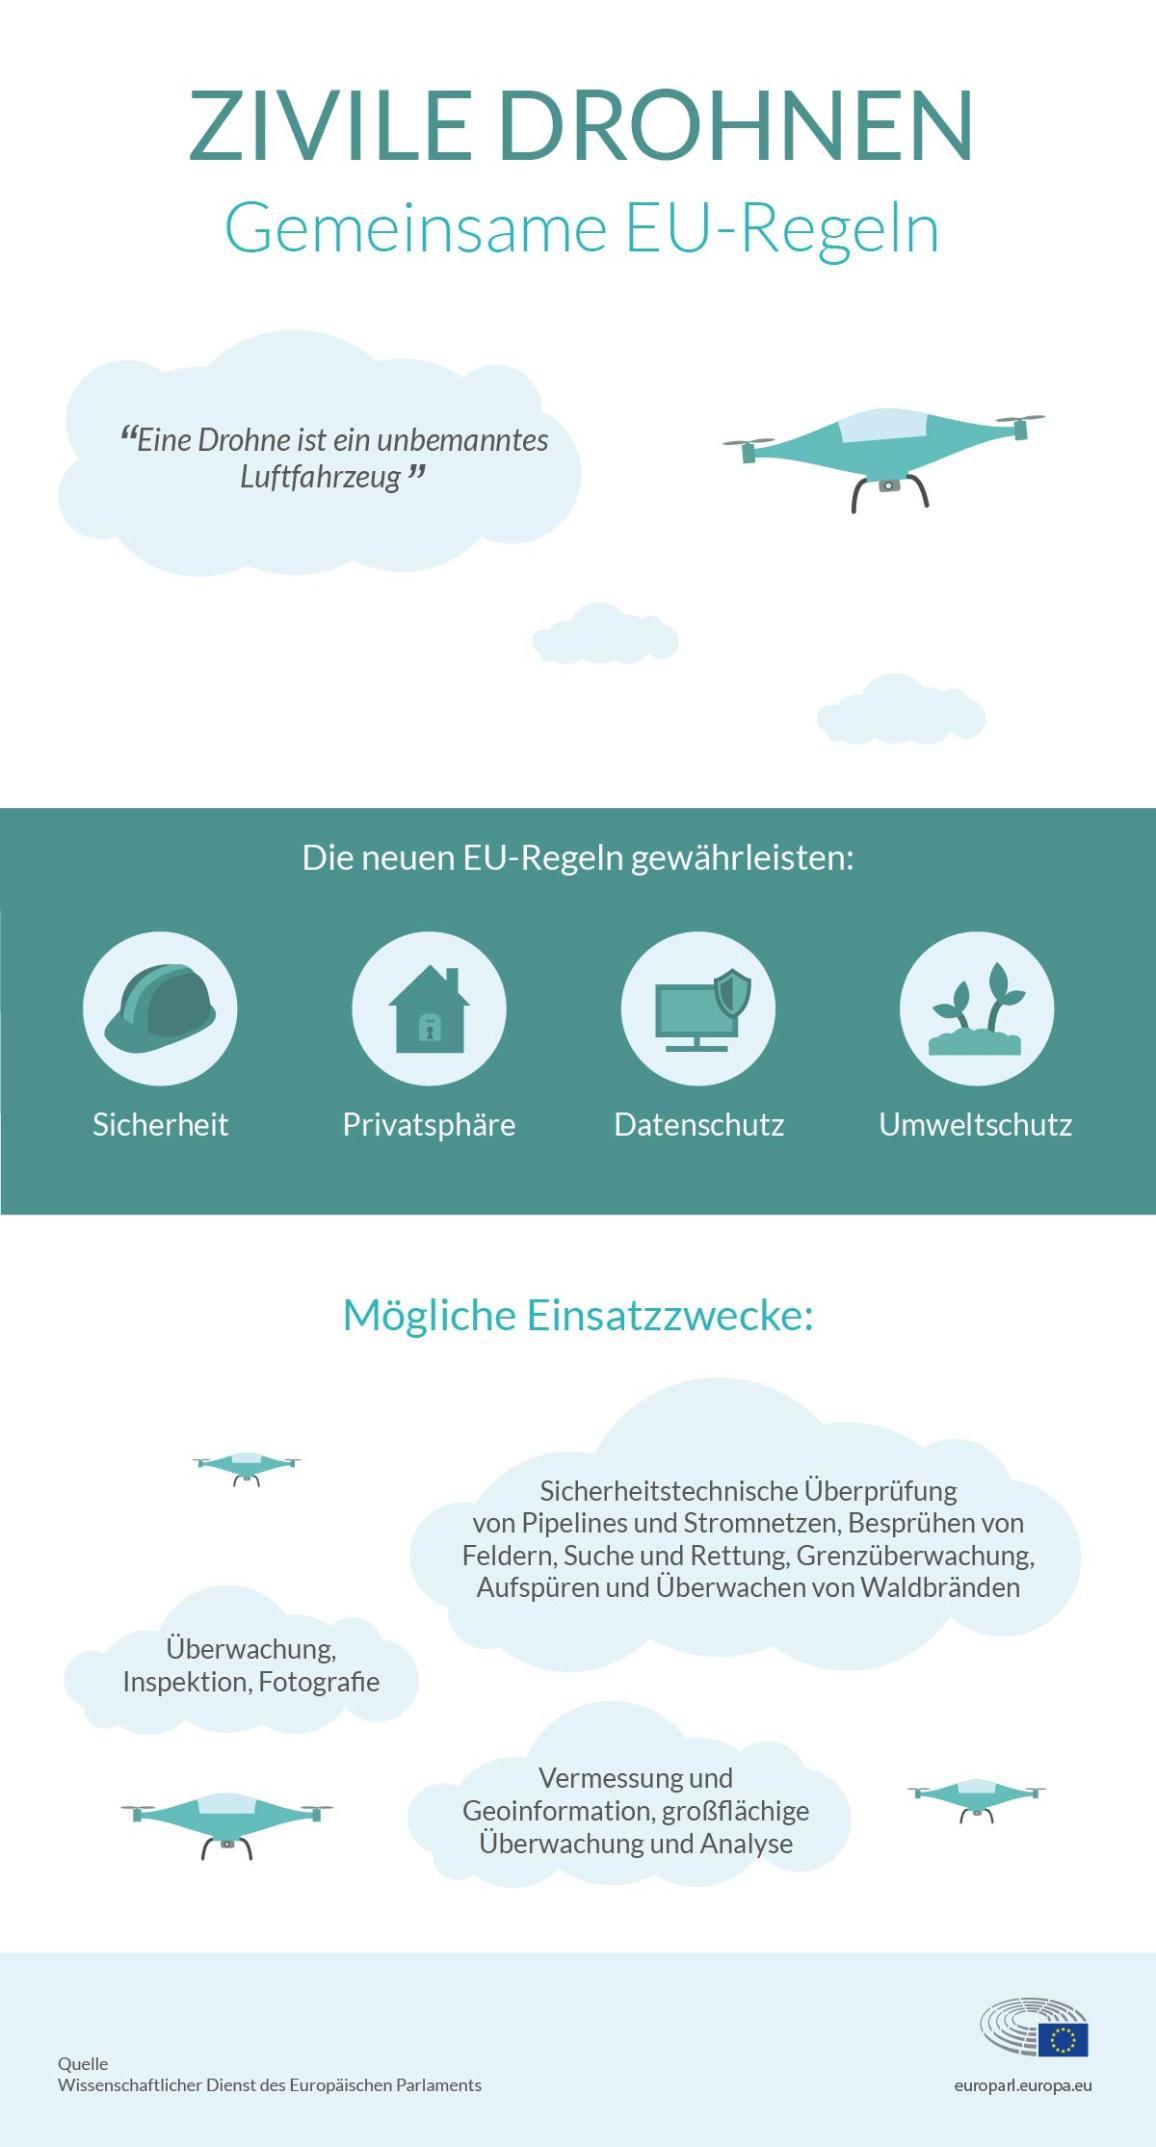 Diese Infografik beschreibt die Vorteile der neuen EU-Regeln sowie Einsatzbereiche von Drohnen